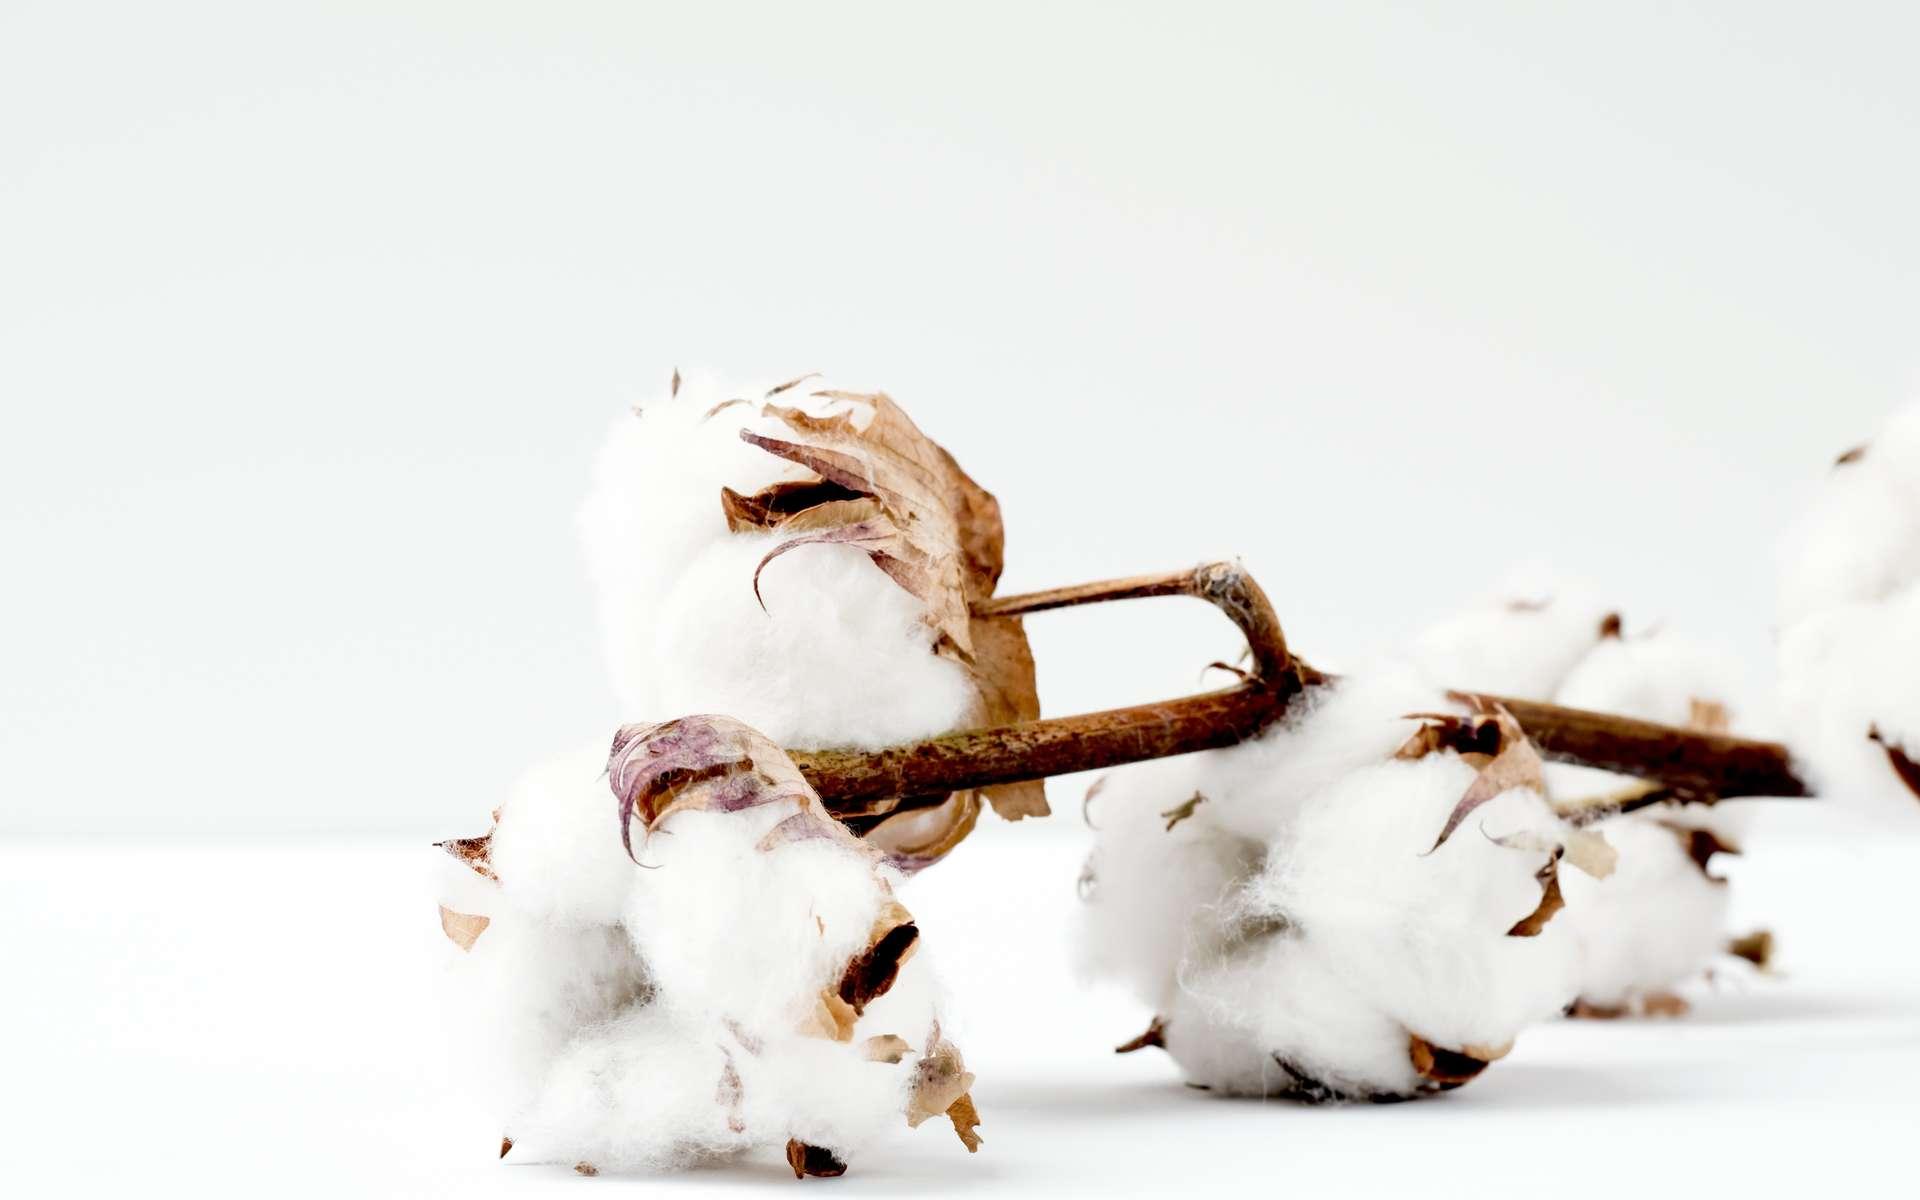 Le coton, future source de protéines ? © Marianne Krohn, Unsplash